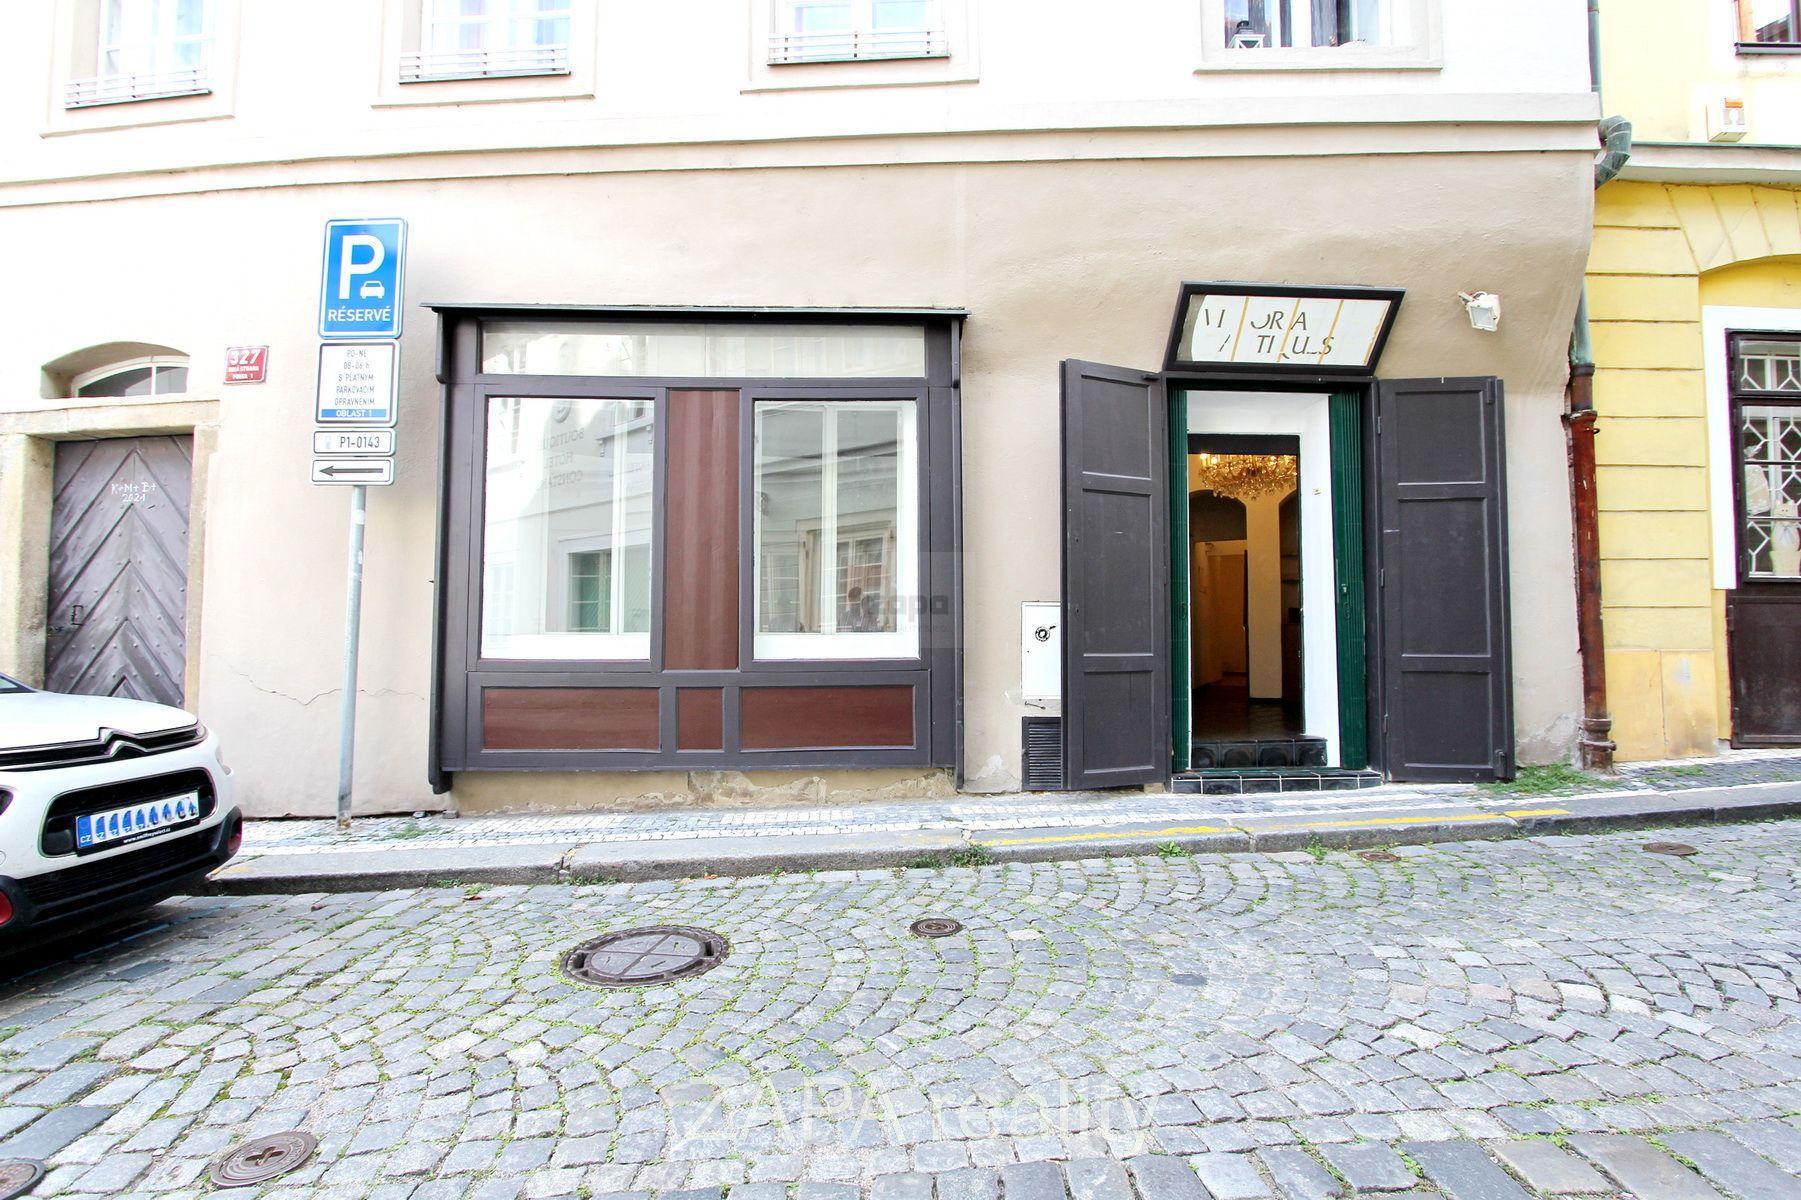 Pronájem - obchod s výlohou a kanceláří 60m2, Praha 1 Malá Strana